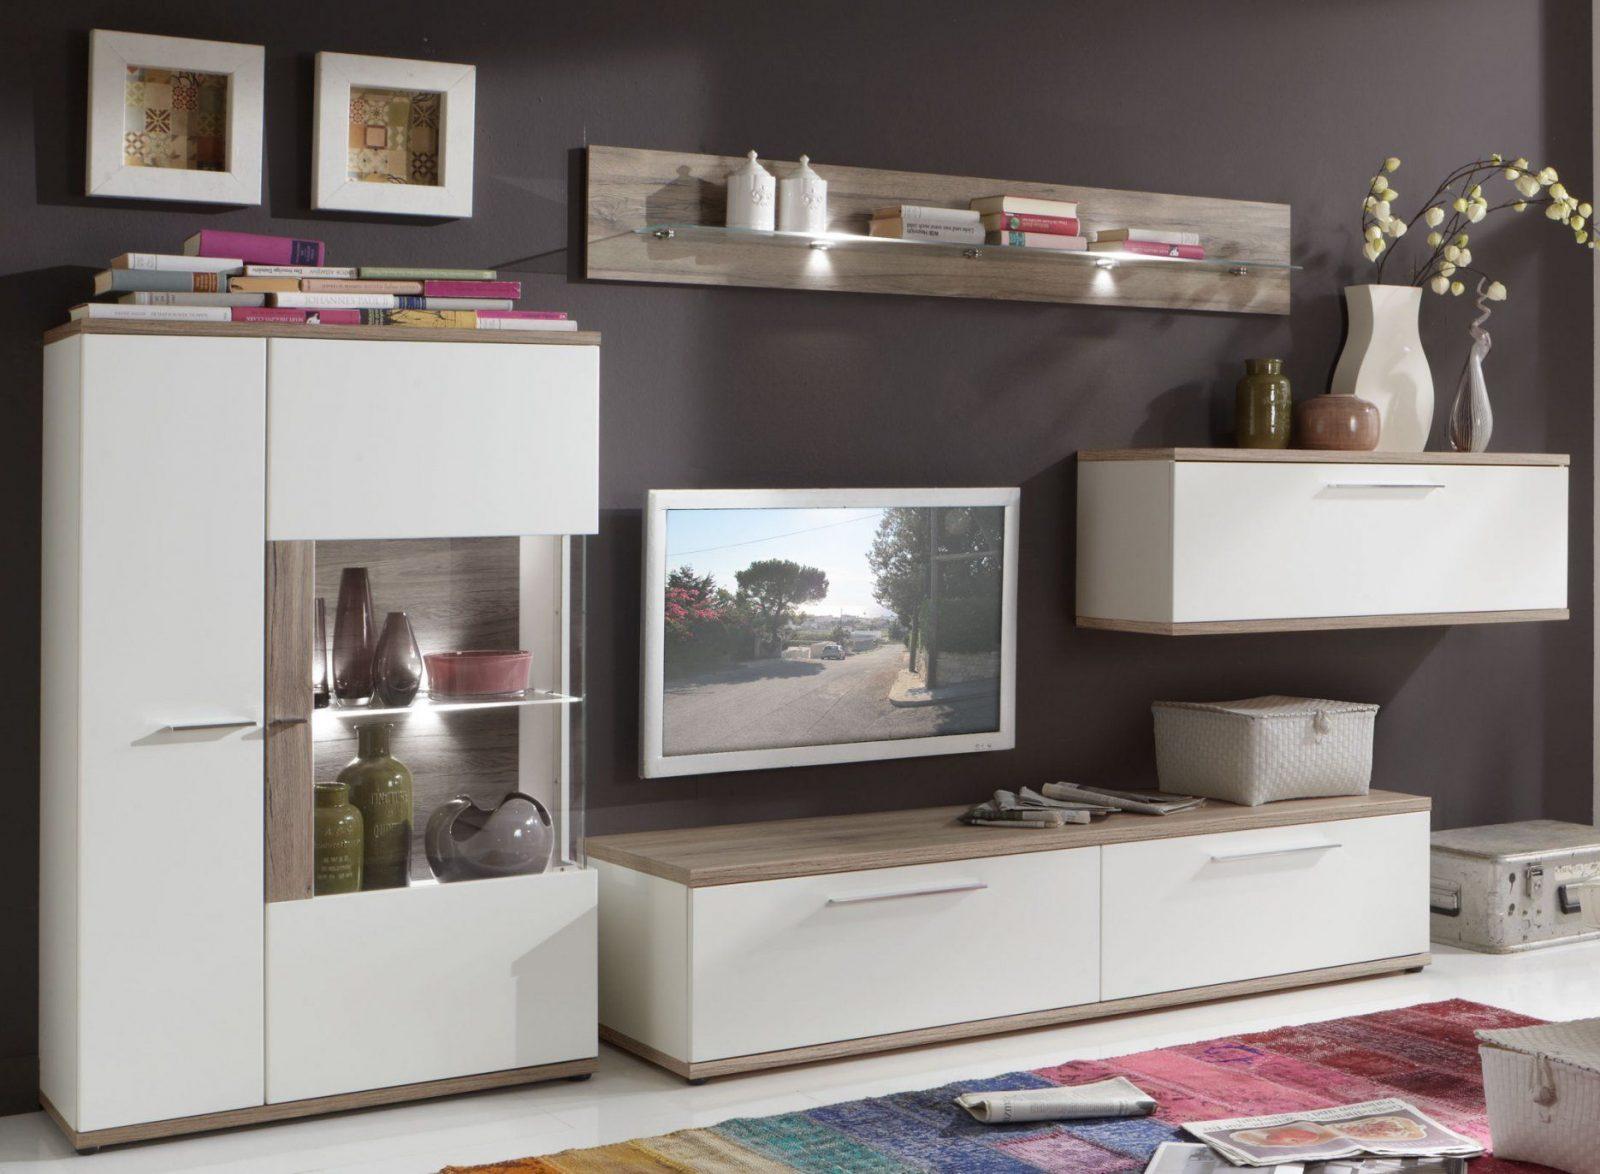 Moderne wohnzimmer schrankwand interieur design entw rfe for Moderne schrankwand